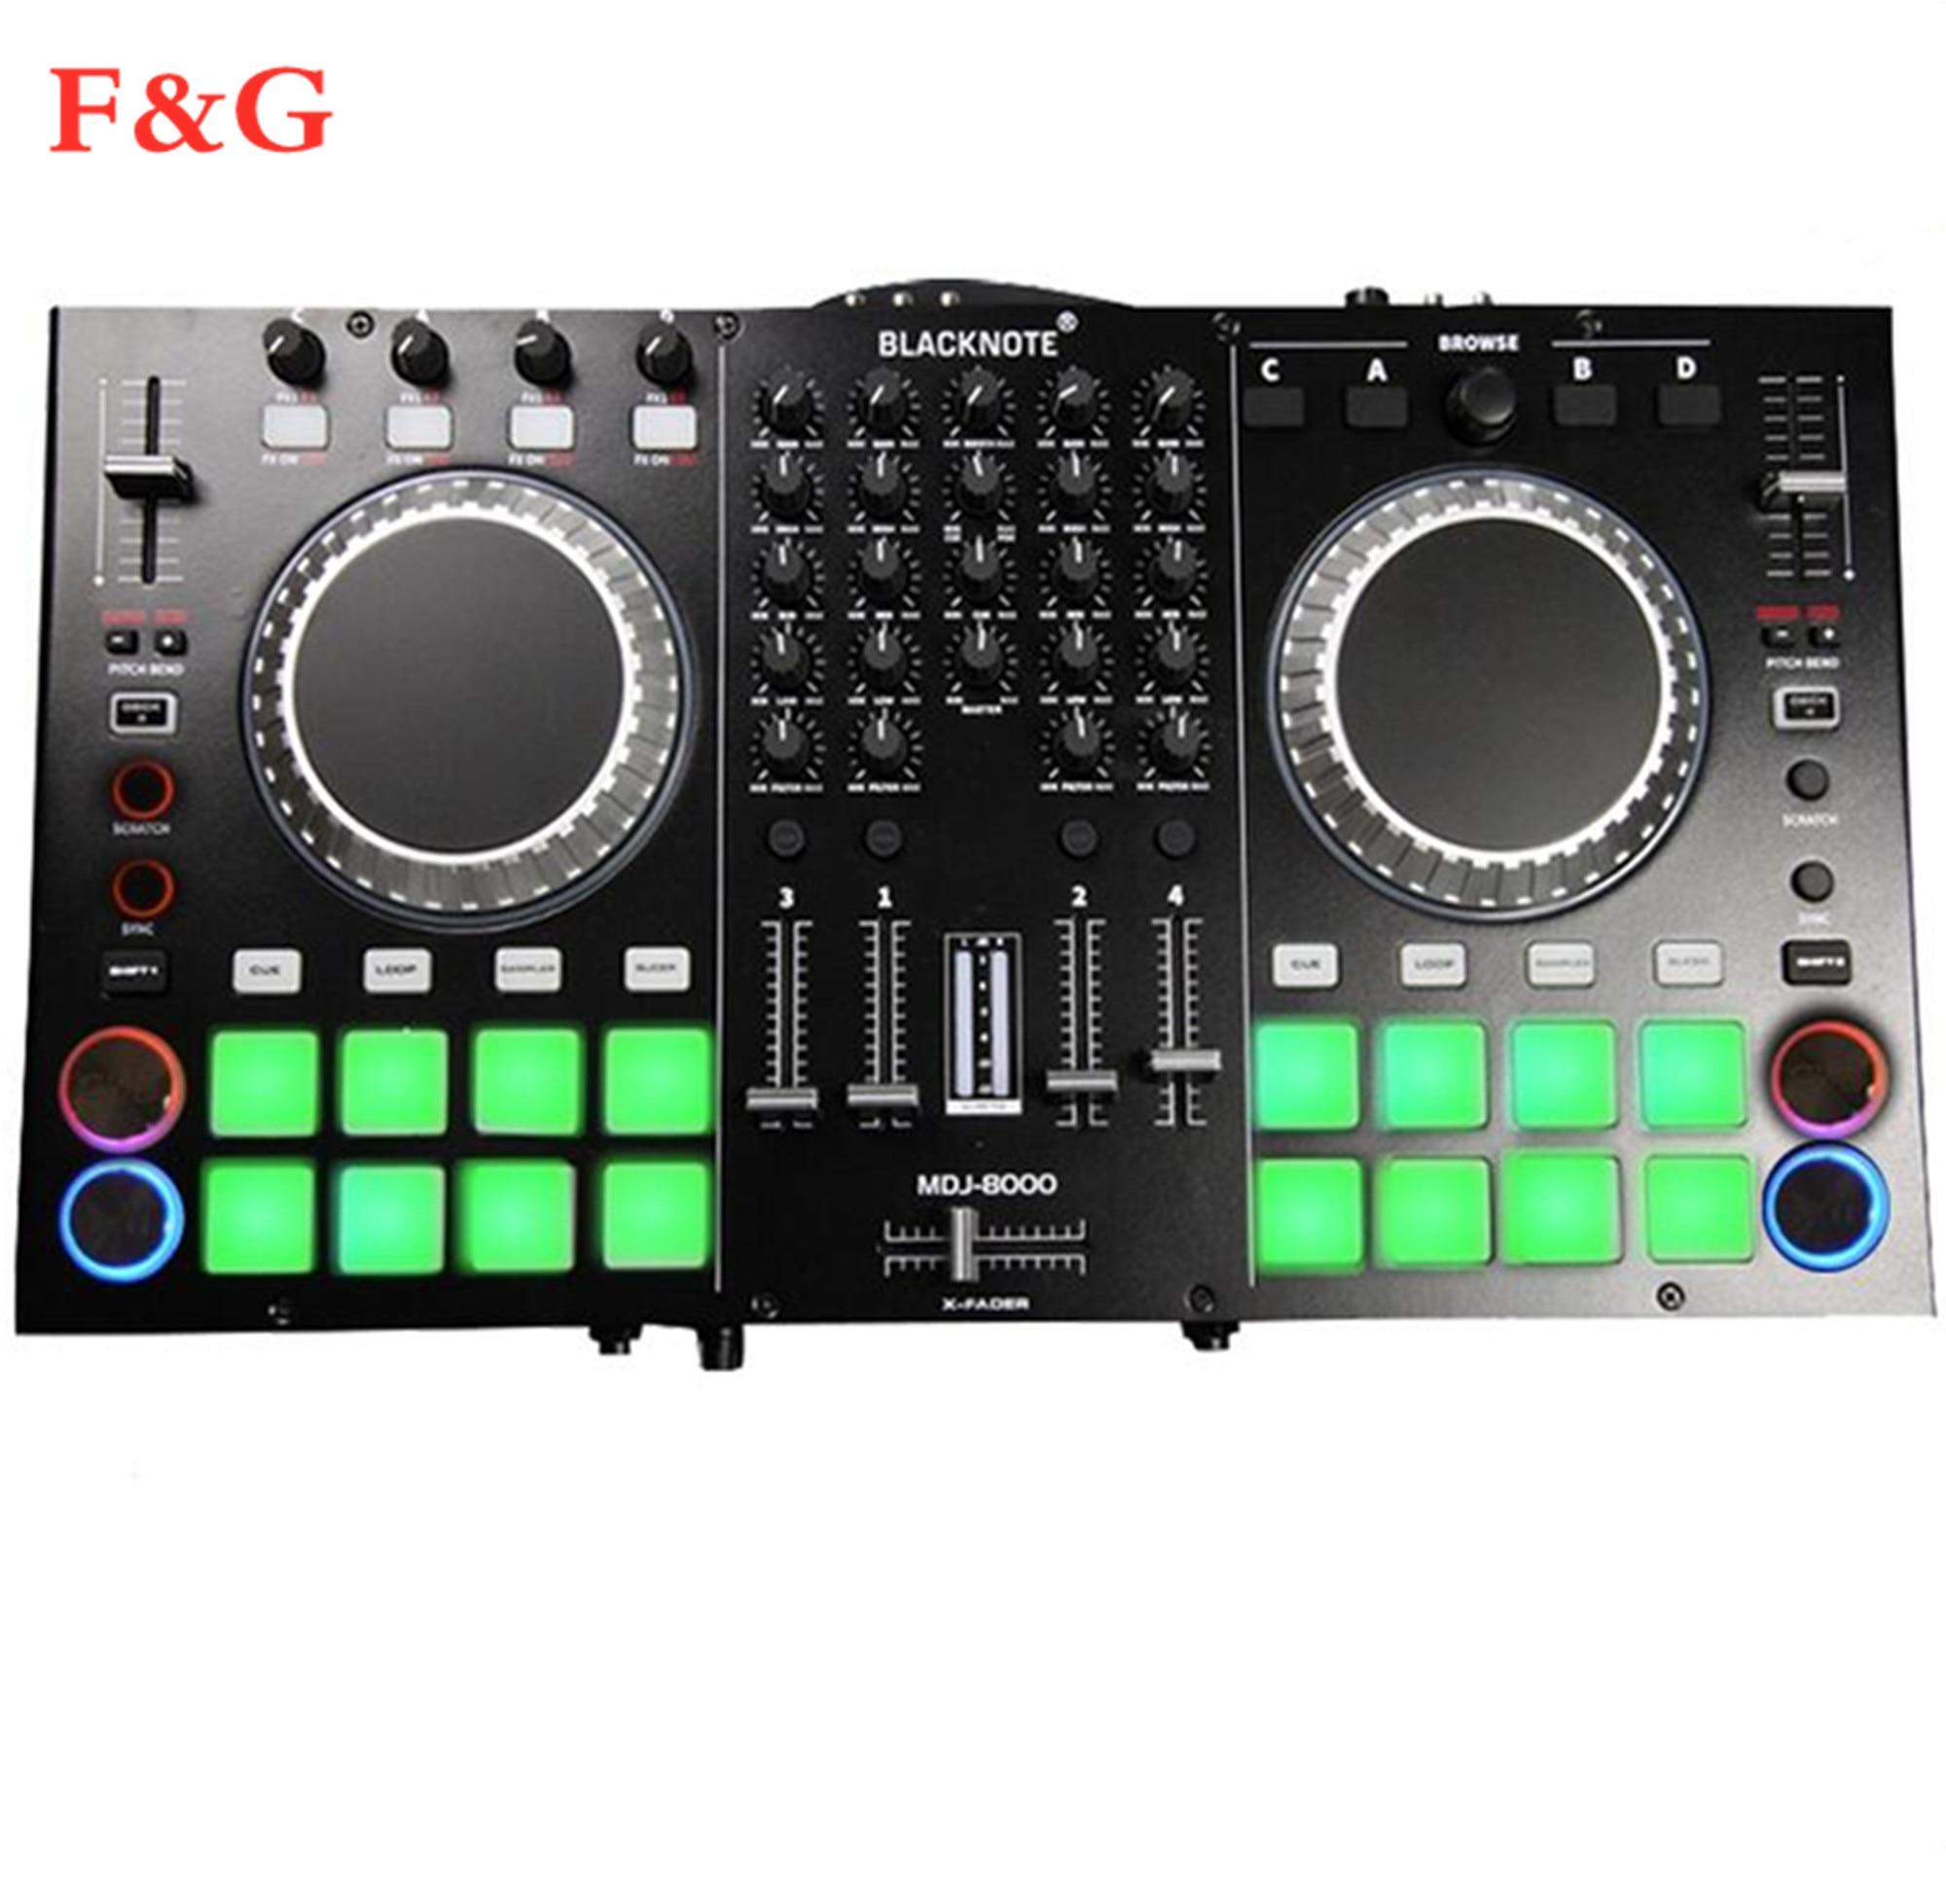 Controller per giocare lettori di dischi di gioco i giocatori audio mixing console mixer suono mesa de mezclas dj. DJ mixer